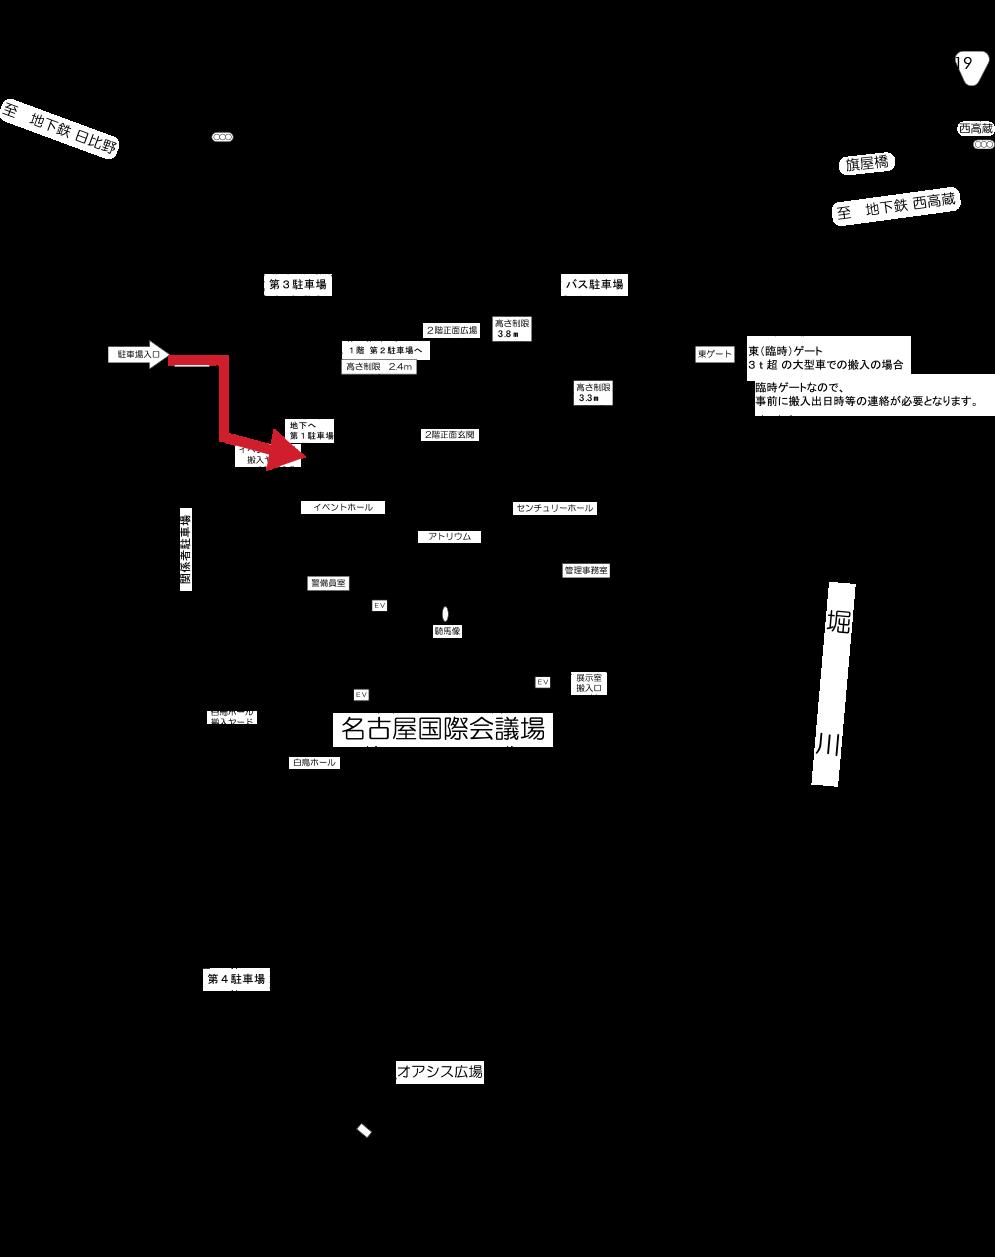 イベントホール搬入口の経路イメージ